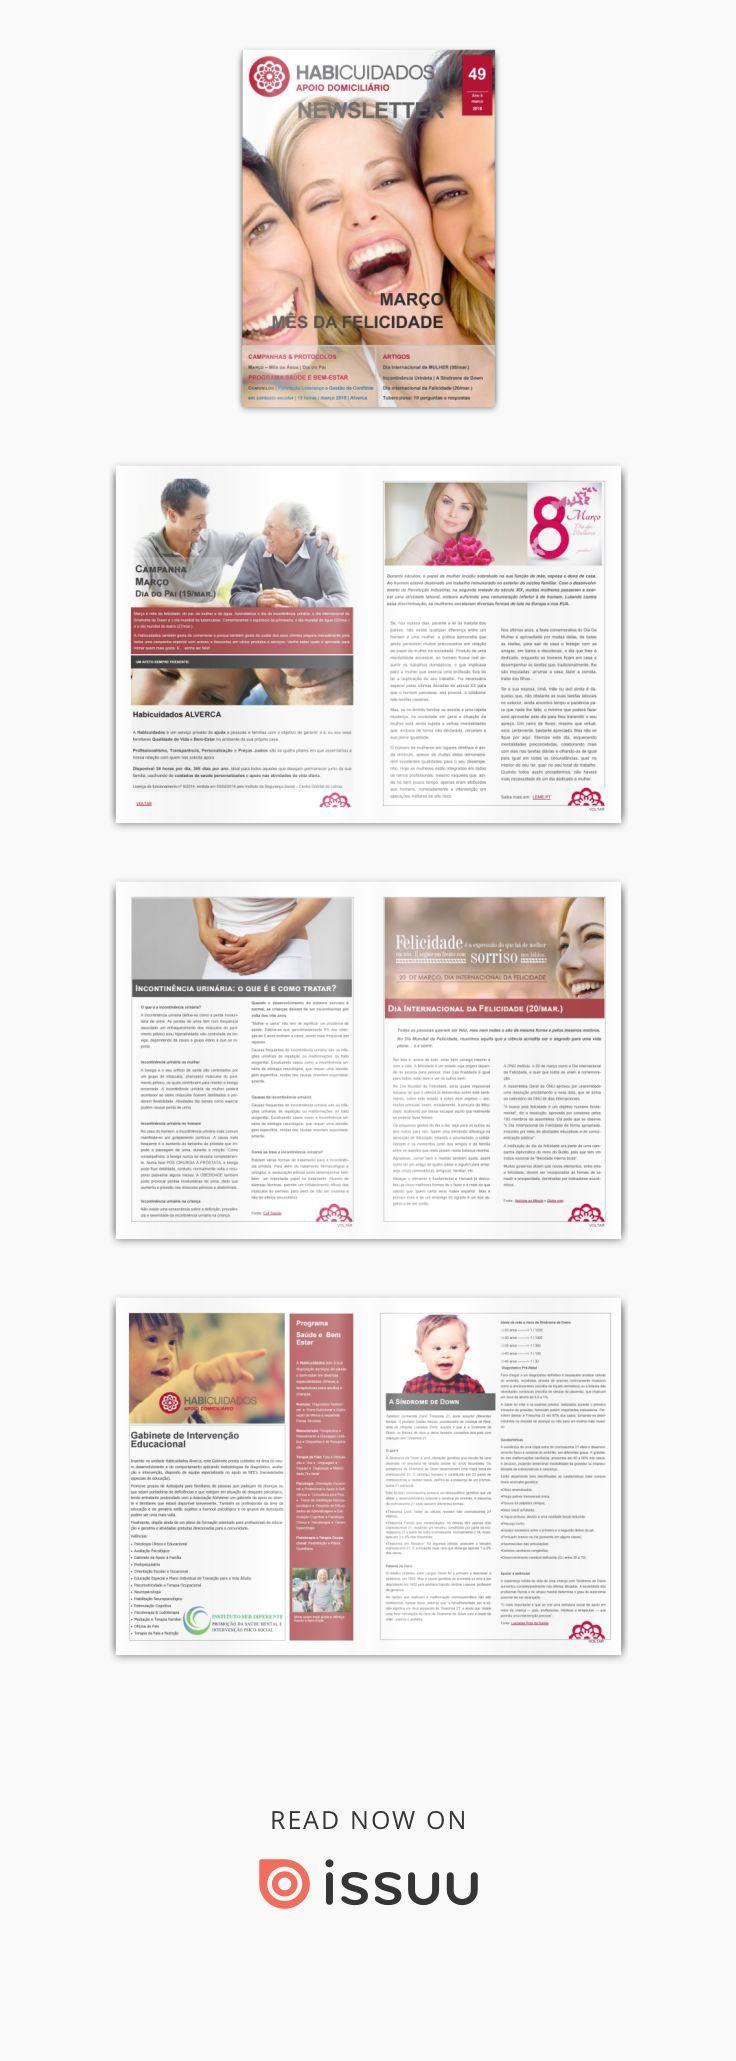 MÊS DA FELICIDADE | edição 49 | março 2018 | Habicuidados Alverca Newsletter  CAMPANHA março: Dia do Pai ARTIGOS:  Dia Internacional da MULHER (08/mar.) Incontinência Urinária Dia internacional da Felicidade (20/mar.) PROGRAMA SAÚDE E BEM-ESTAR | Gabinete de Intervenção Educacional Comunilog | Formação Suporte Básico de Vida | 4 horas | fevereiro 2018 | Alverca ARTIGOS: A Síndrome de Down Tuberculose: 10 perguntas e respostas PROTOCOLOS, PARCERIAS E CONTATOS